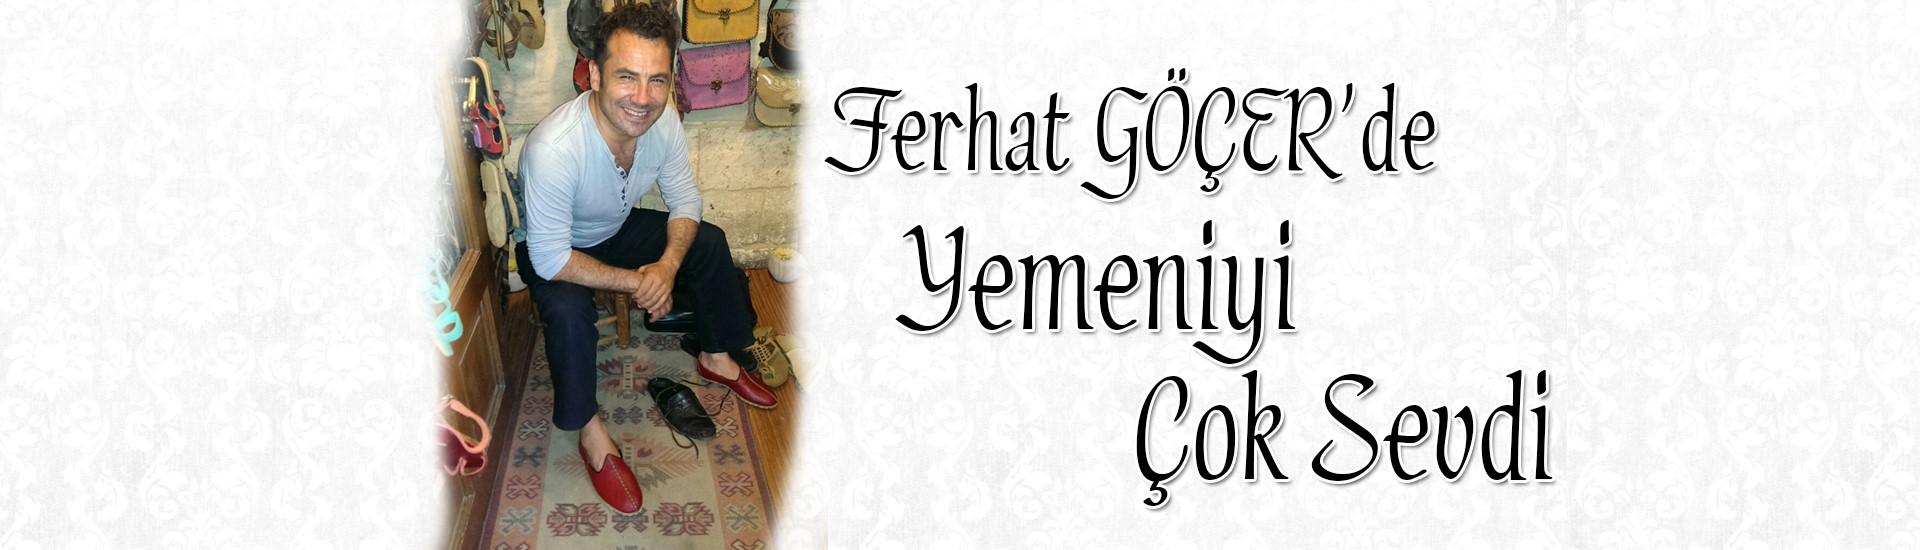 ferhat_gocer